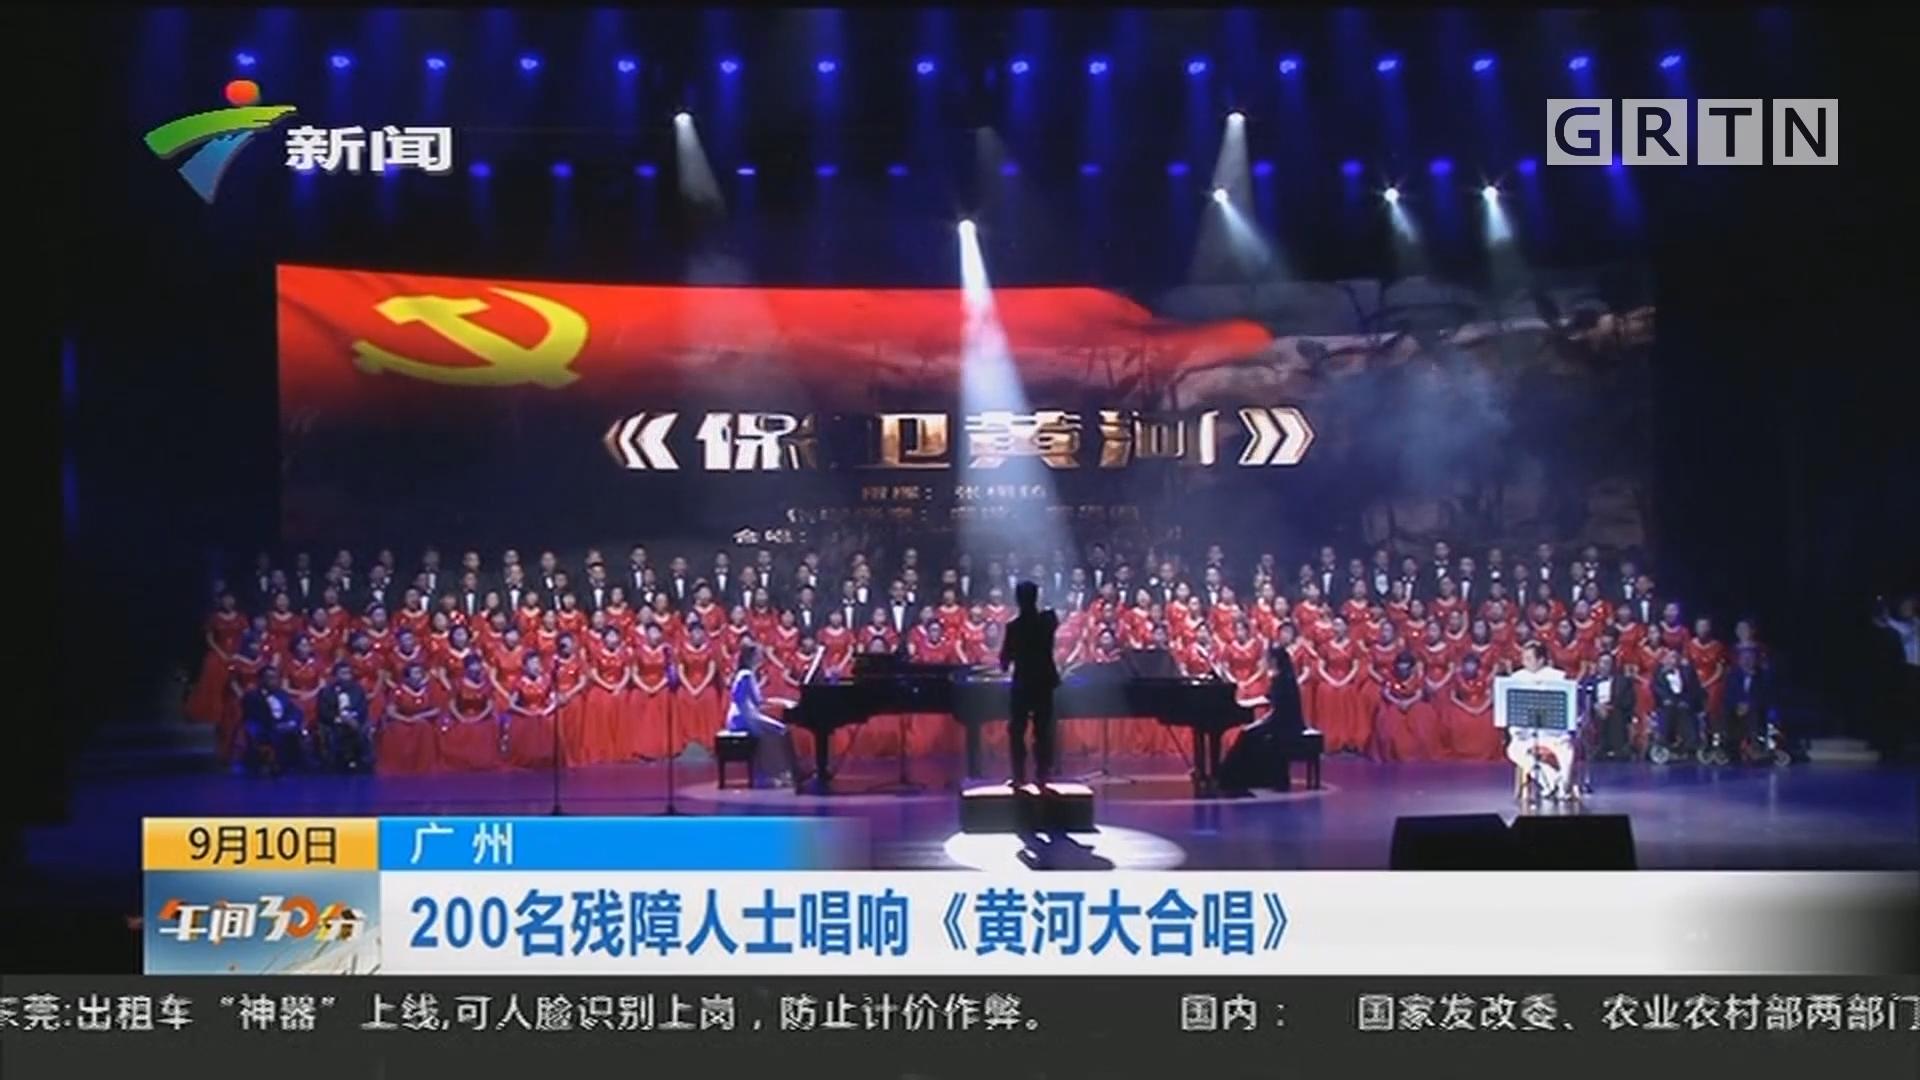 广州:200名残障人士唱响《黄河大合唱》